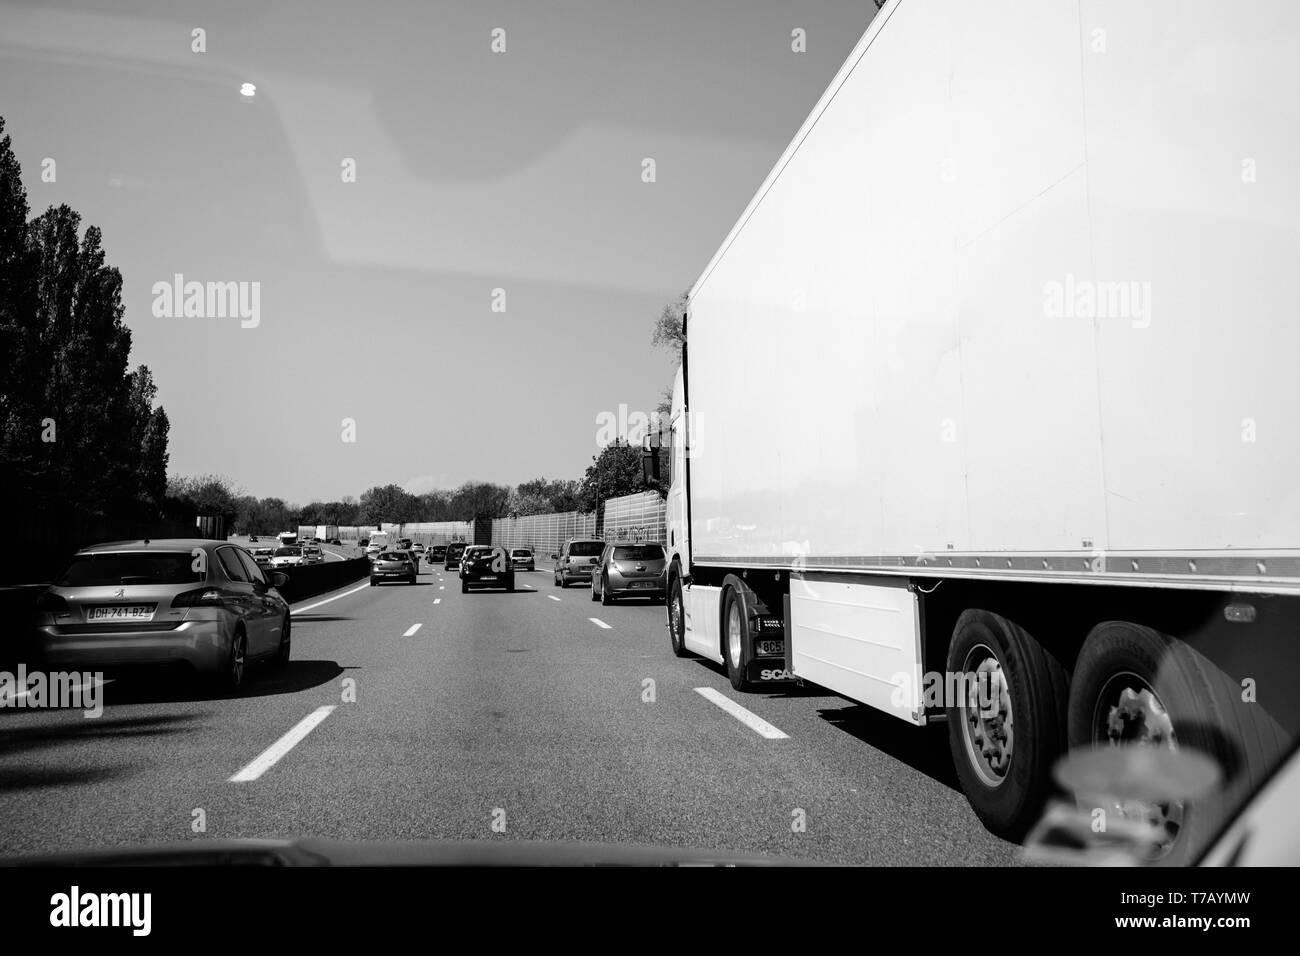 Francia - Apr 19, 2019: bianco e nero moderare il traffico su autostrada francese in prospettiva a lungo l'autostrada con auto, camion e SUV Immagini Stock